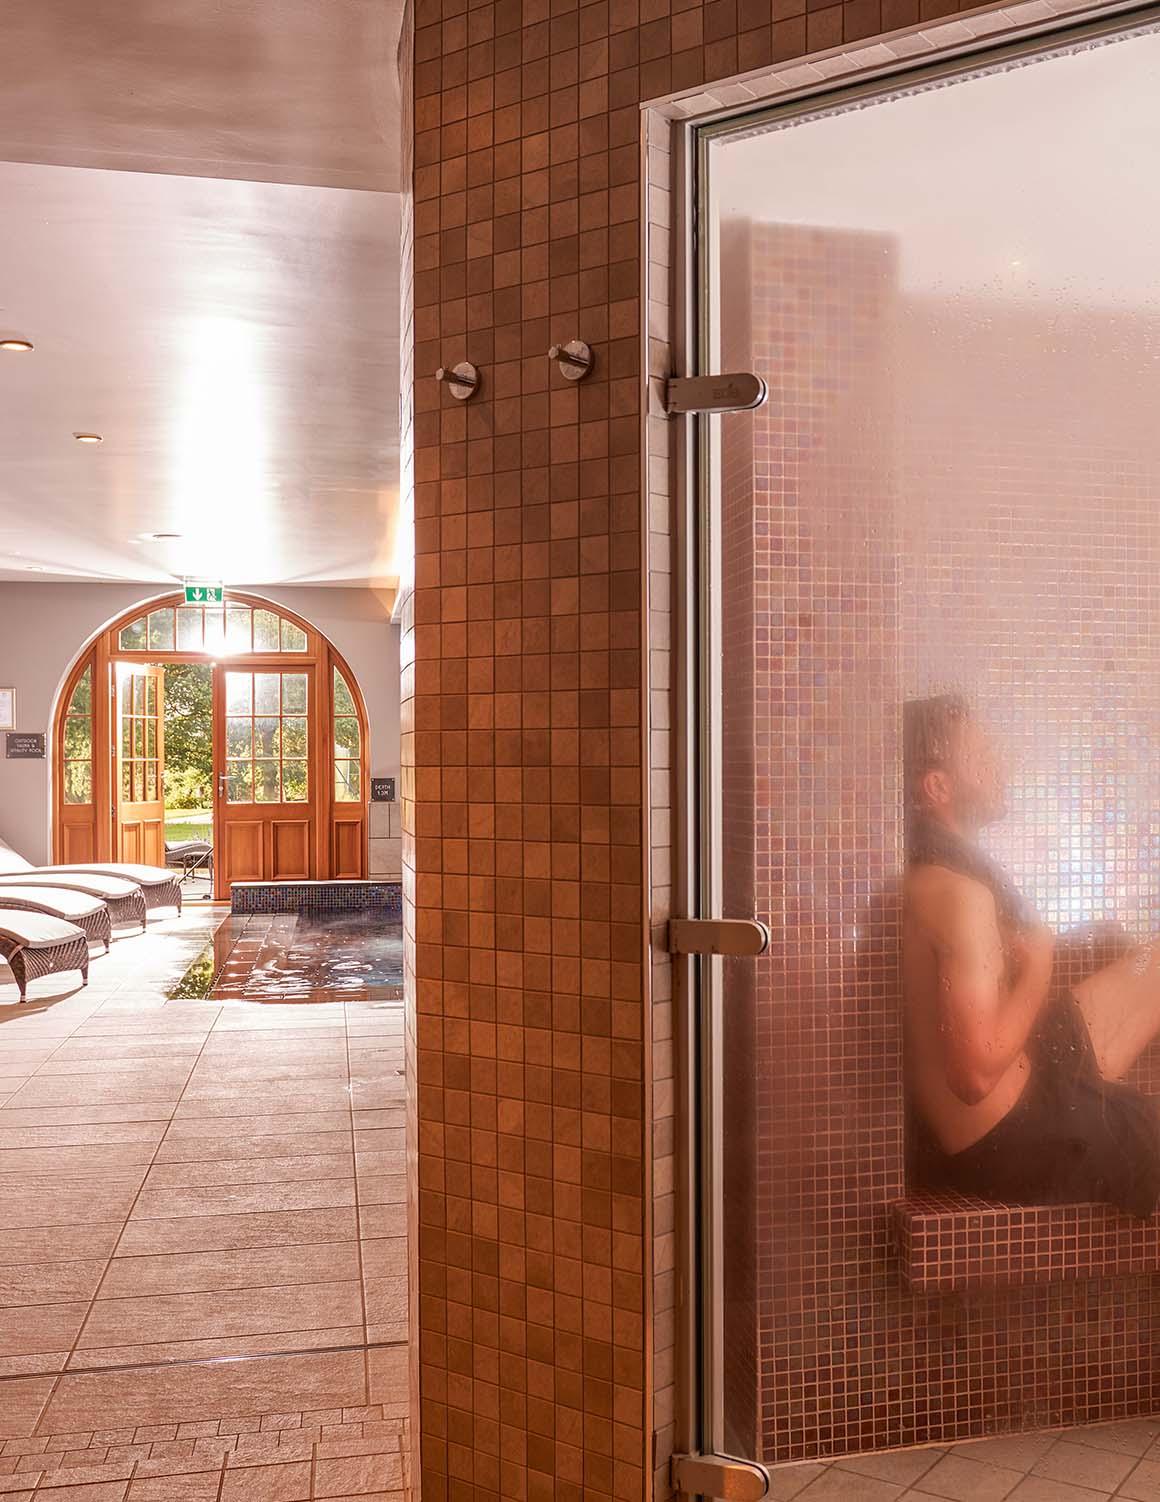 Elan Spa steam room